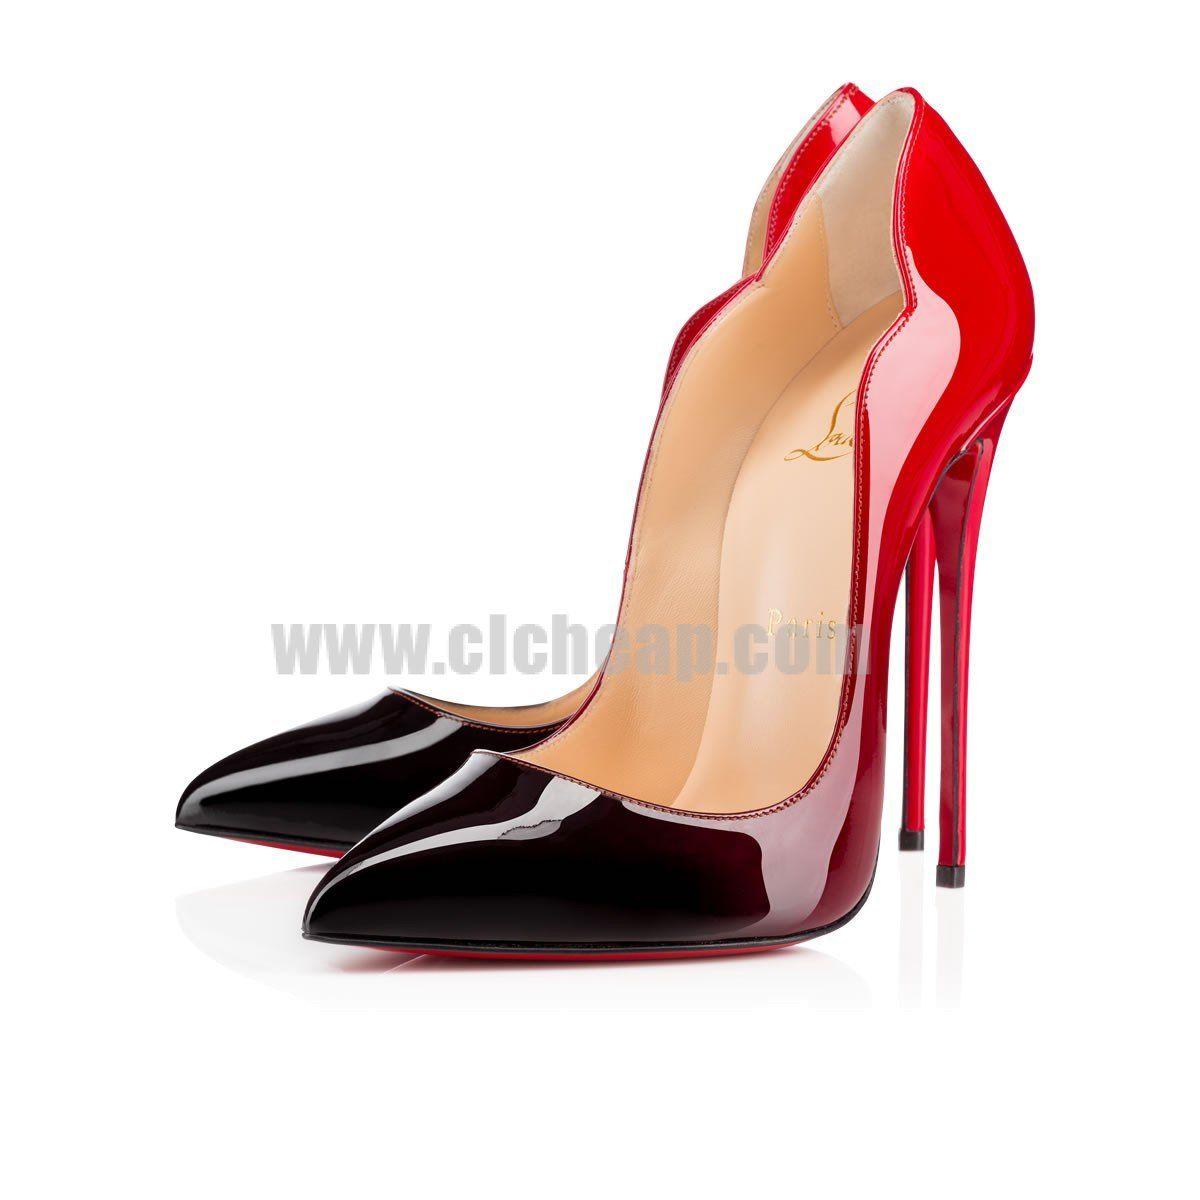 451312b57 Christian Louboutin Hot Chick 130mm Black Red Patent Pumps | Stuff ...